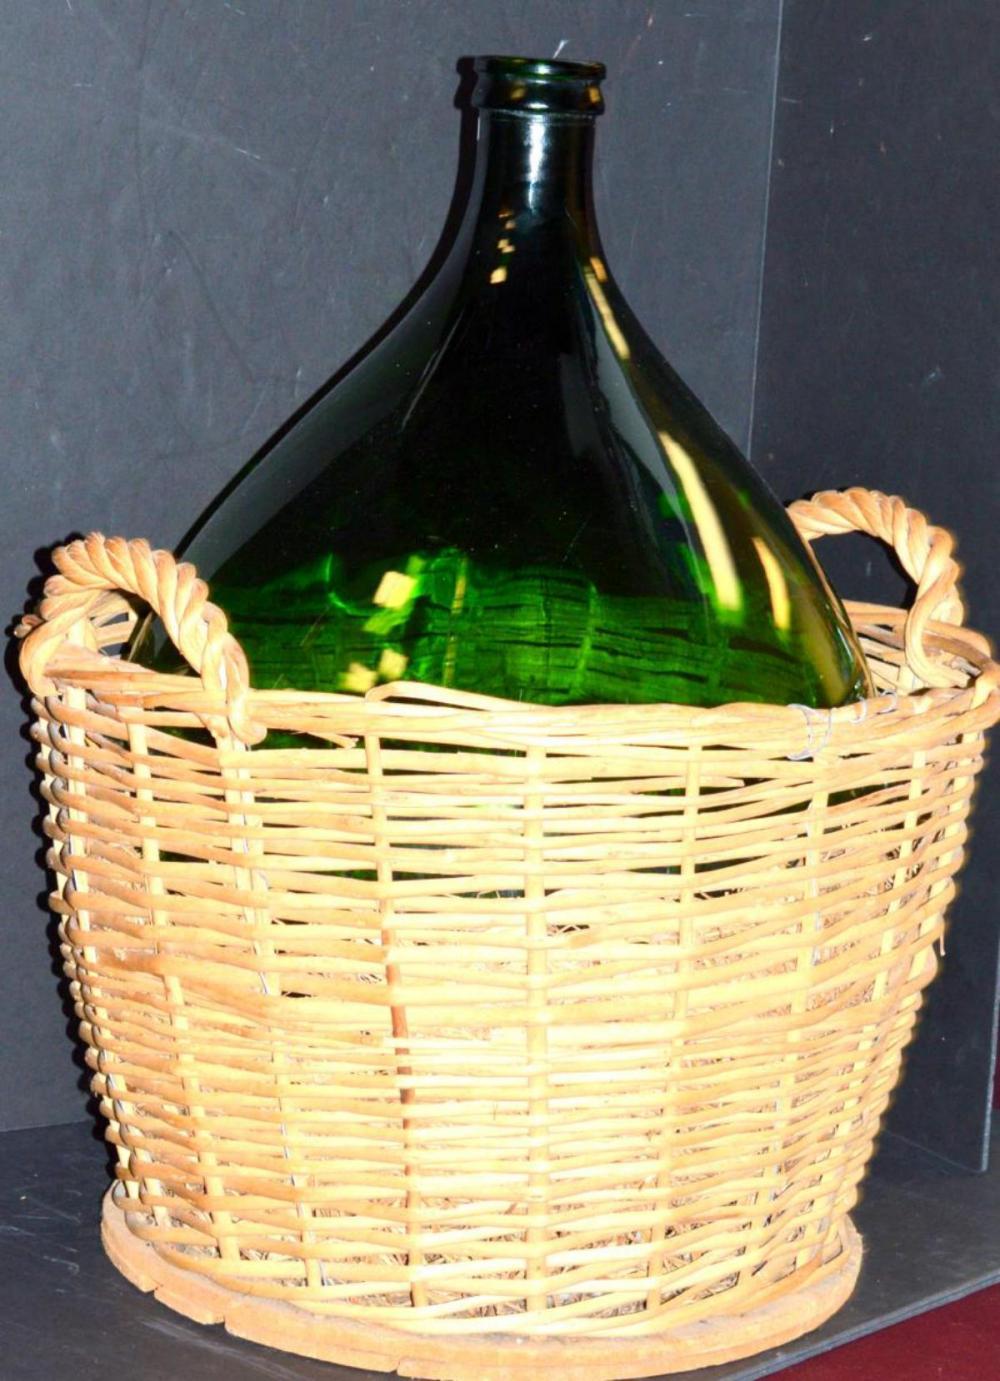 Large Vintage Green Glass Demijohn or Wine Bottle